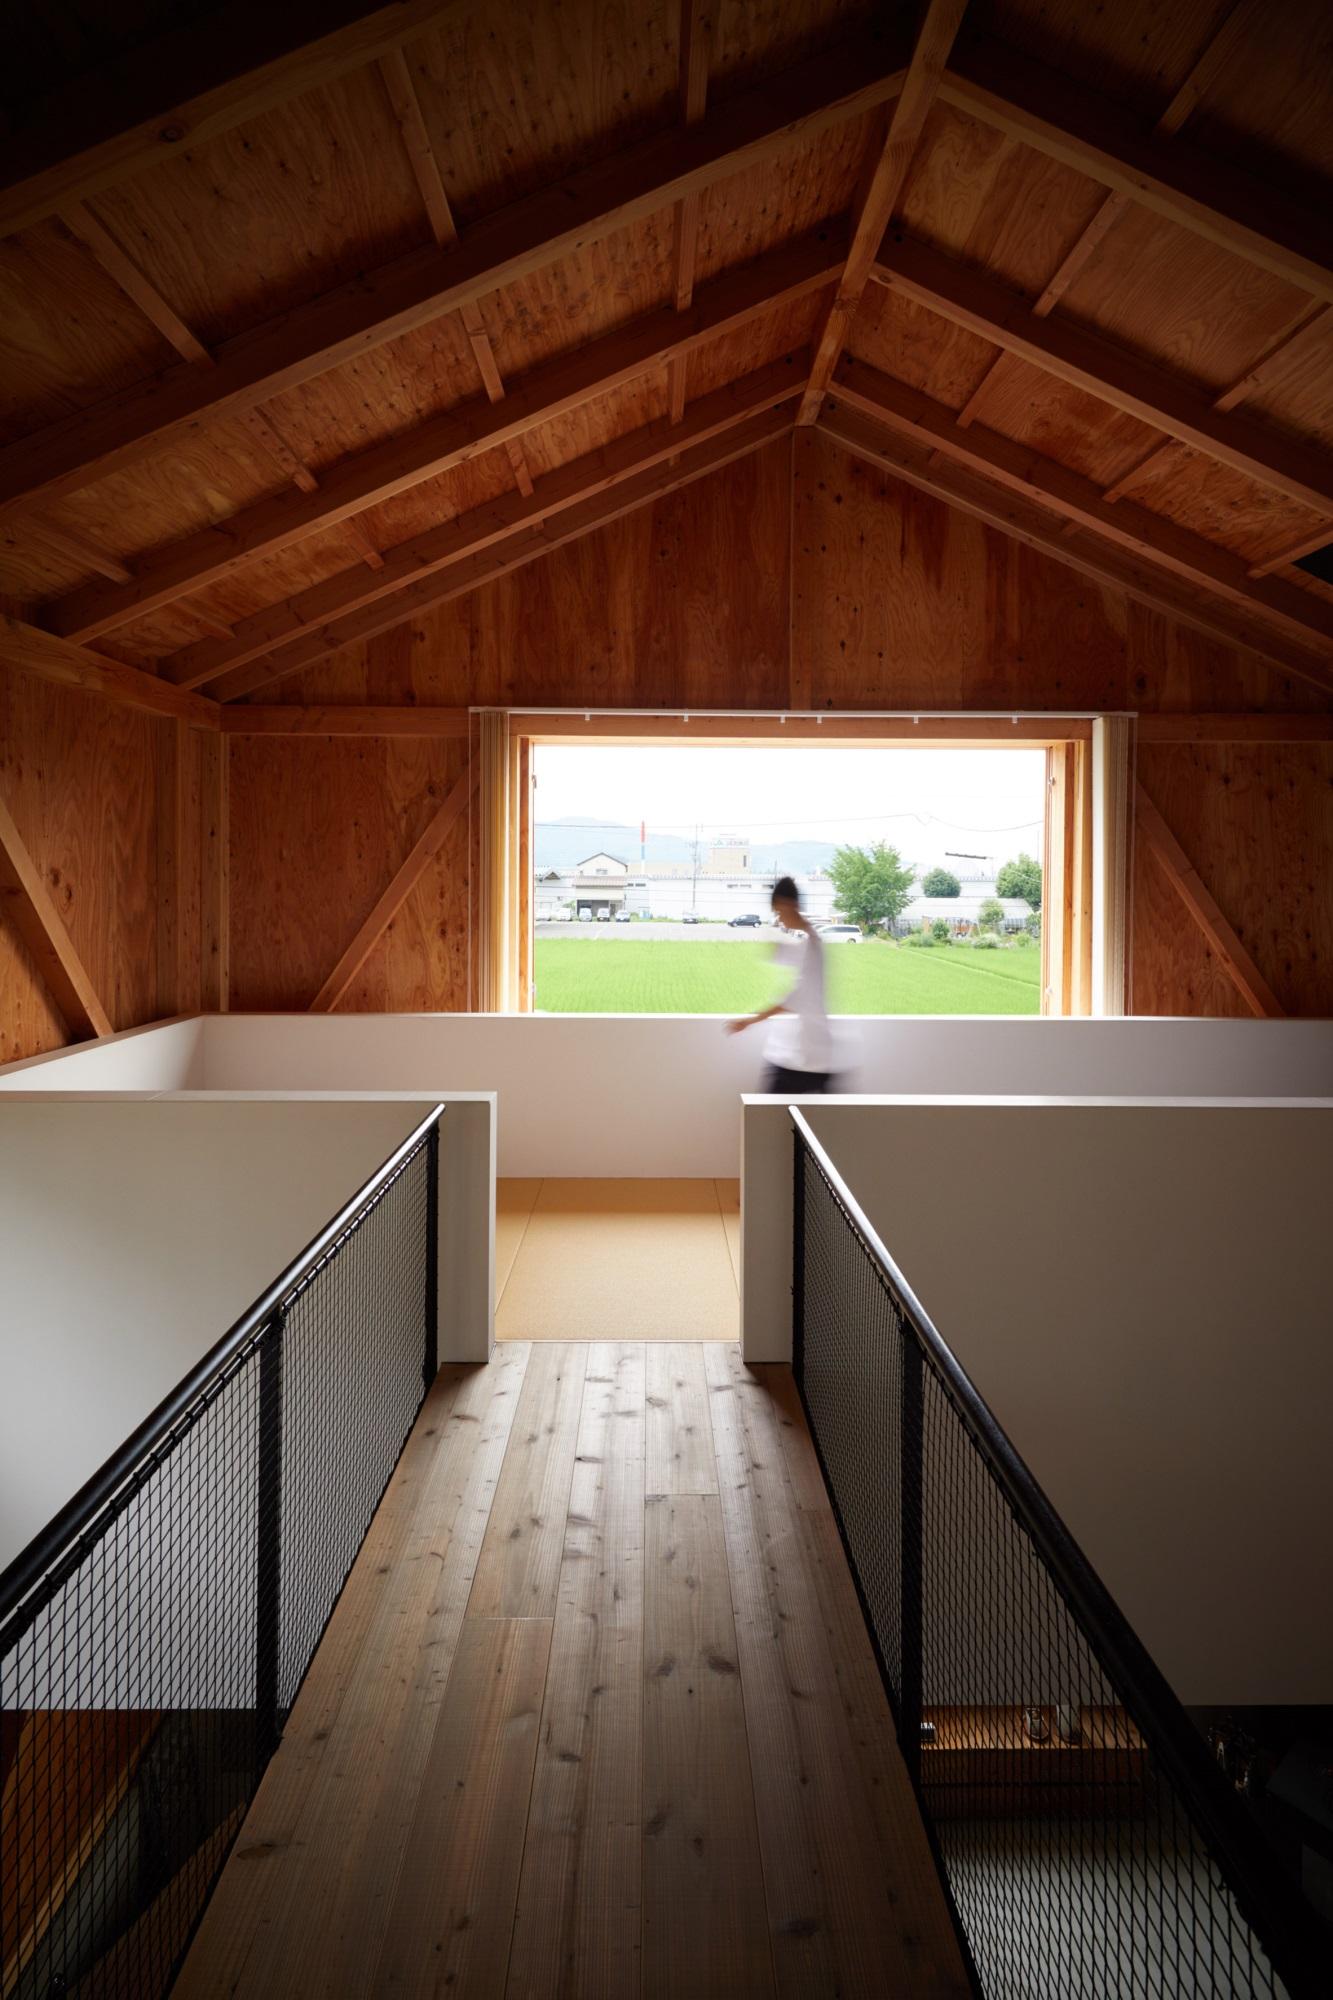 Ngôi nhà hai tầng bình yên với cánh cửa mở rộng đón nắng gió từ đồng lúa xanh tươi - Ảnh 7